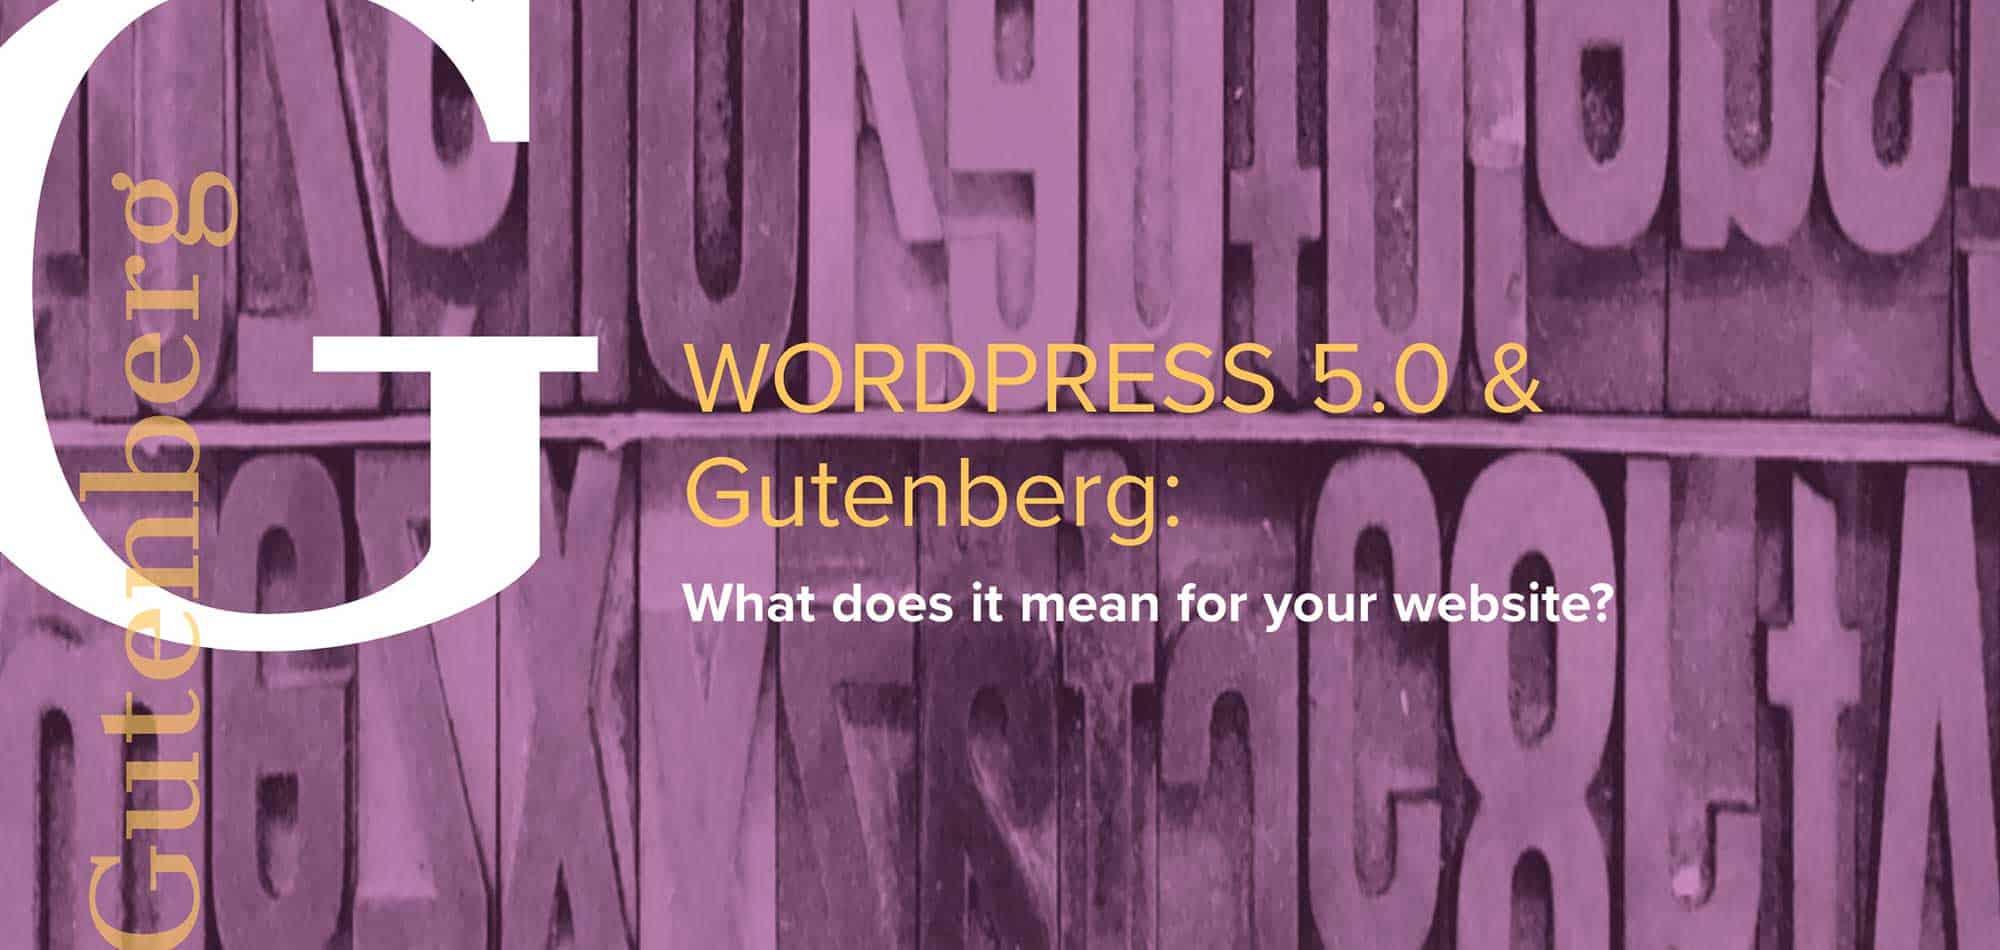 Word Press 5.0 & the Gutenberg builder